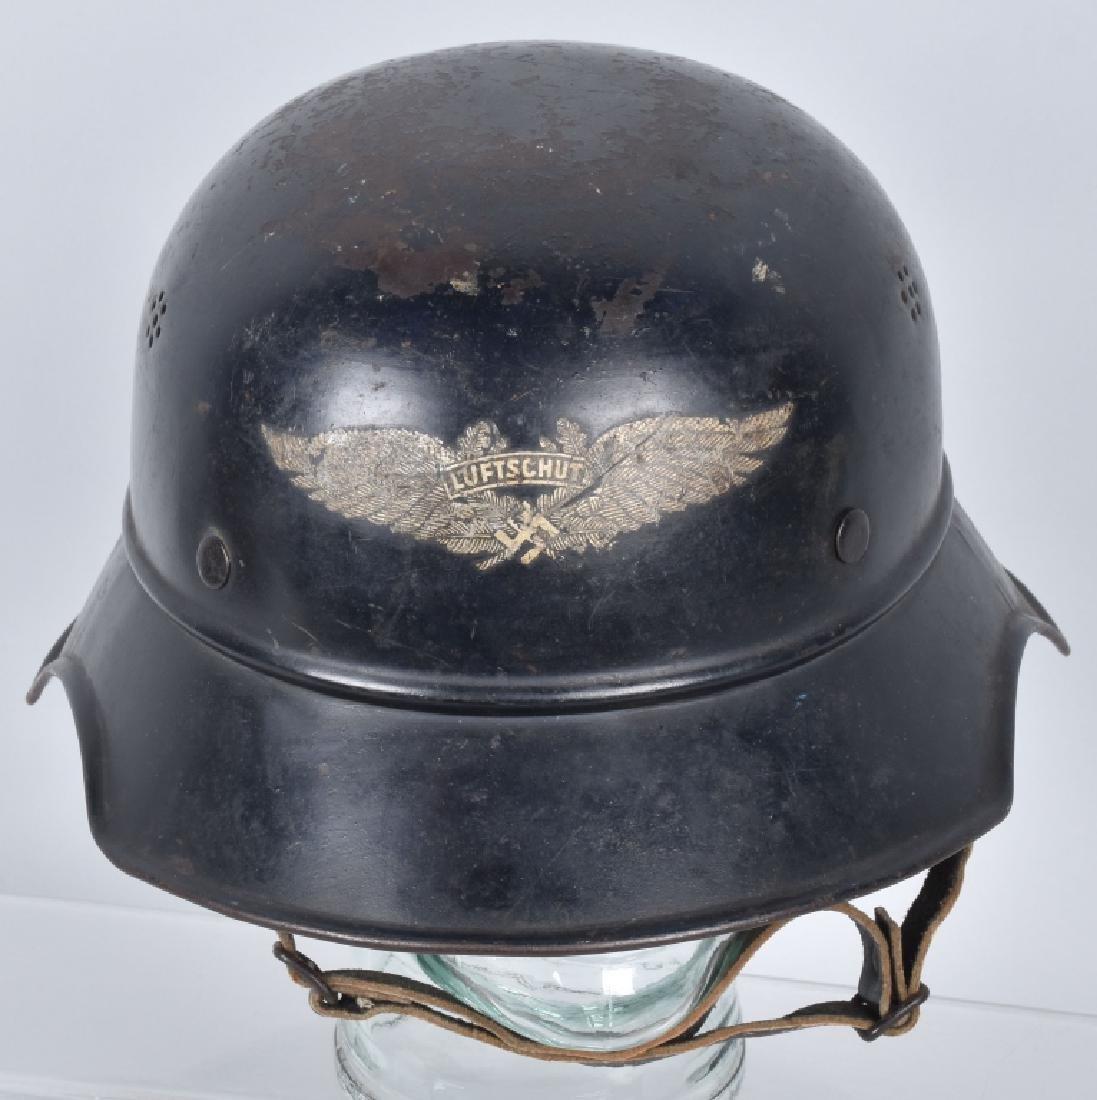 WW2 NAZI GERMAN LUFTSCHUTZ HELMET - 4